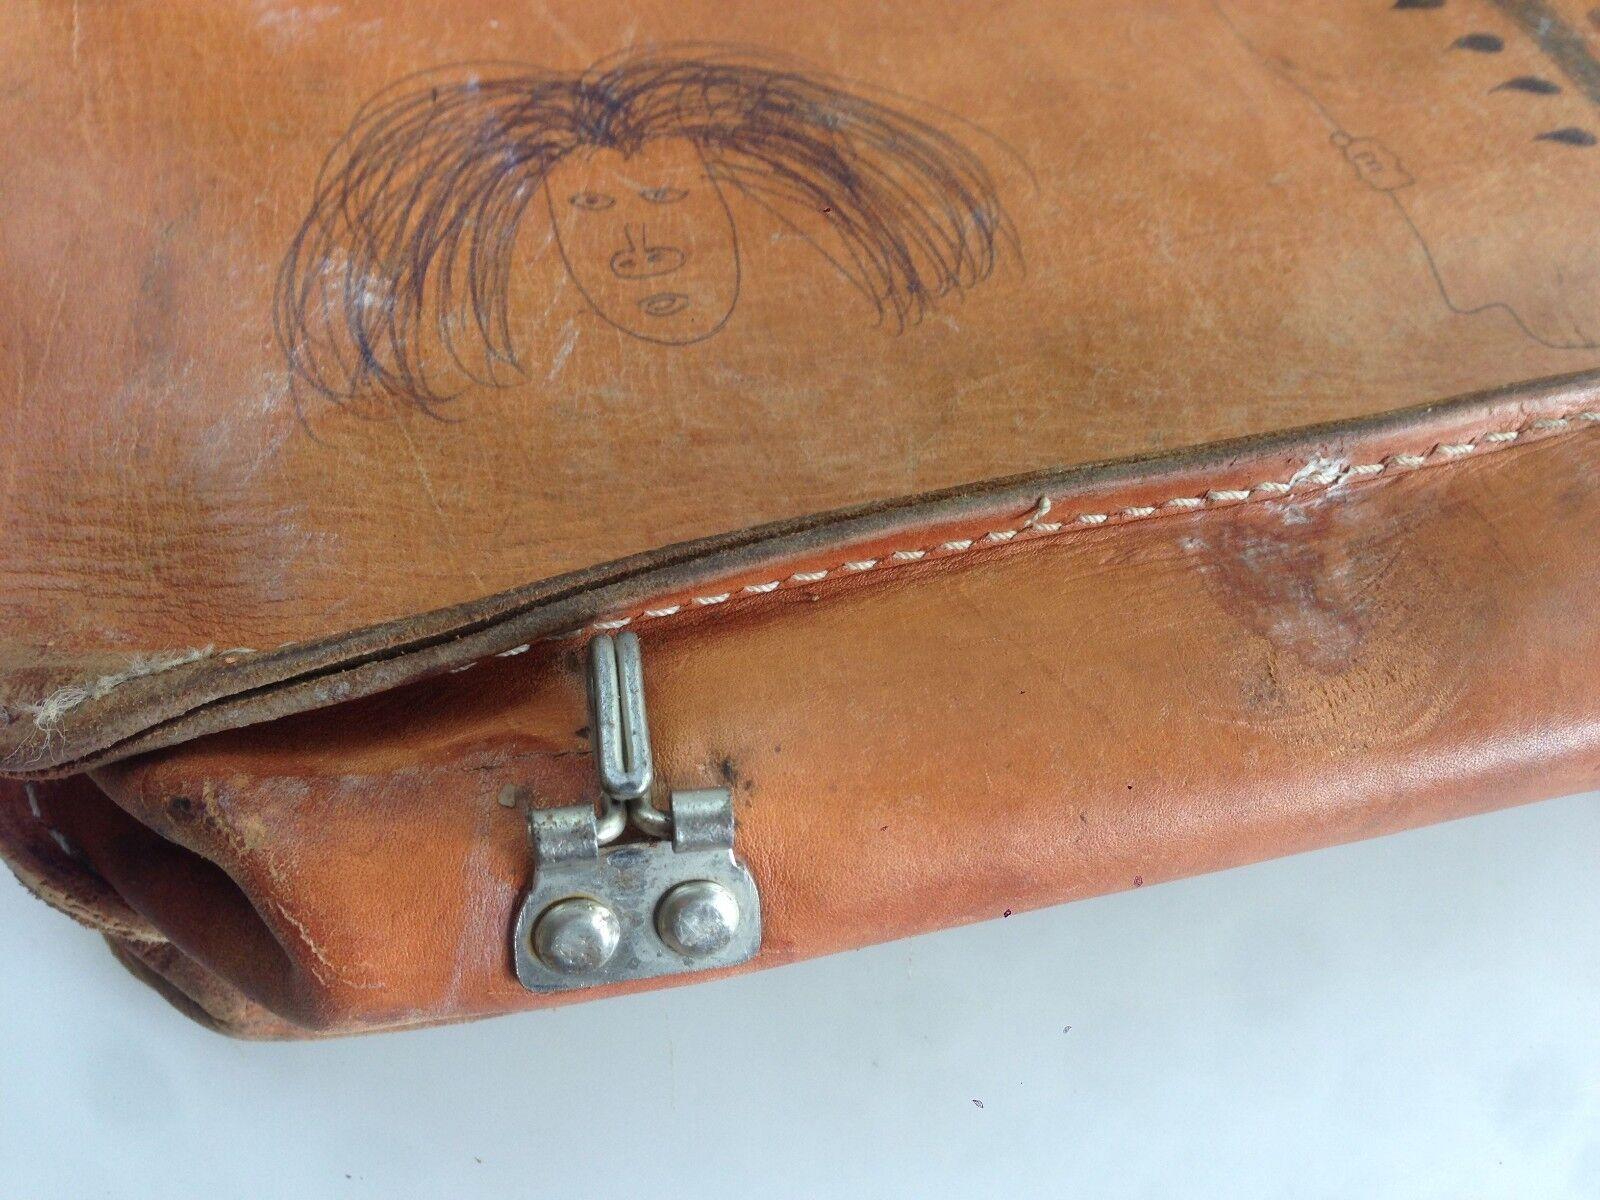 VINTAGE VINTAGE VINTAGE Schultasche Tasche  Lehrertasche 68er Old School Leder | Züchtungen Eingeführt Werden Eine Nach Der Anderen  | Toy Story  | Räumungsverkauf  93a294